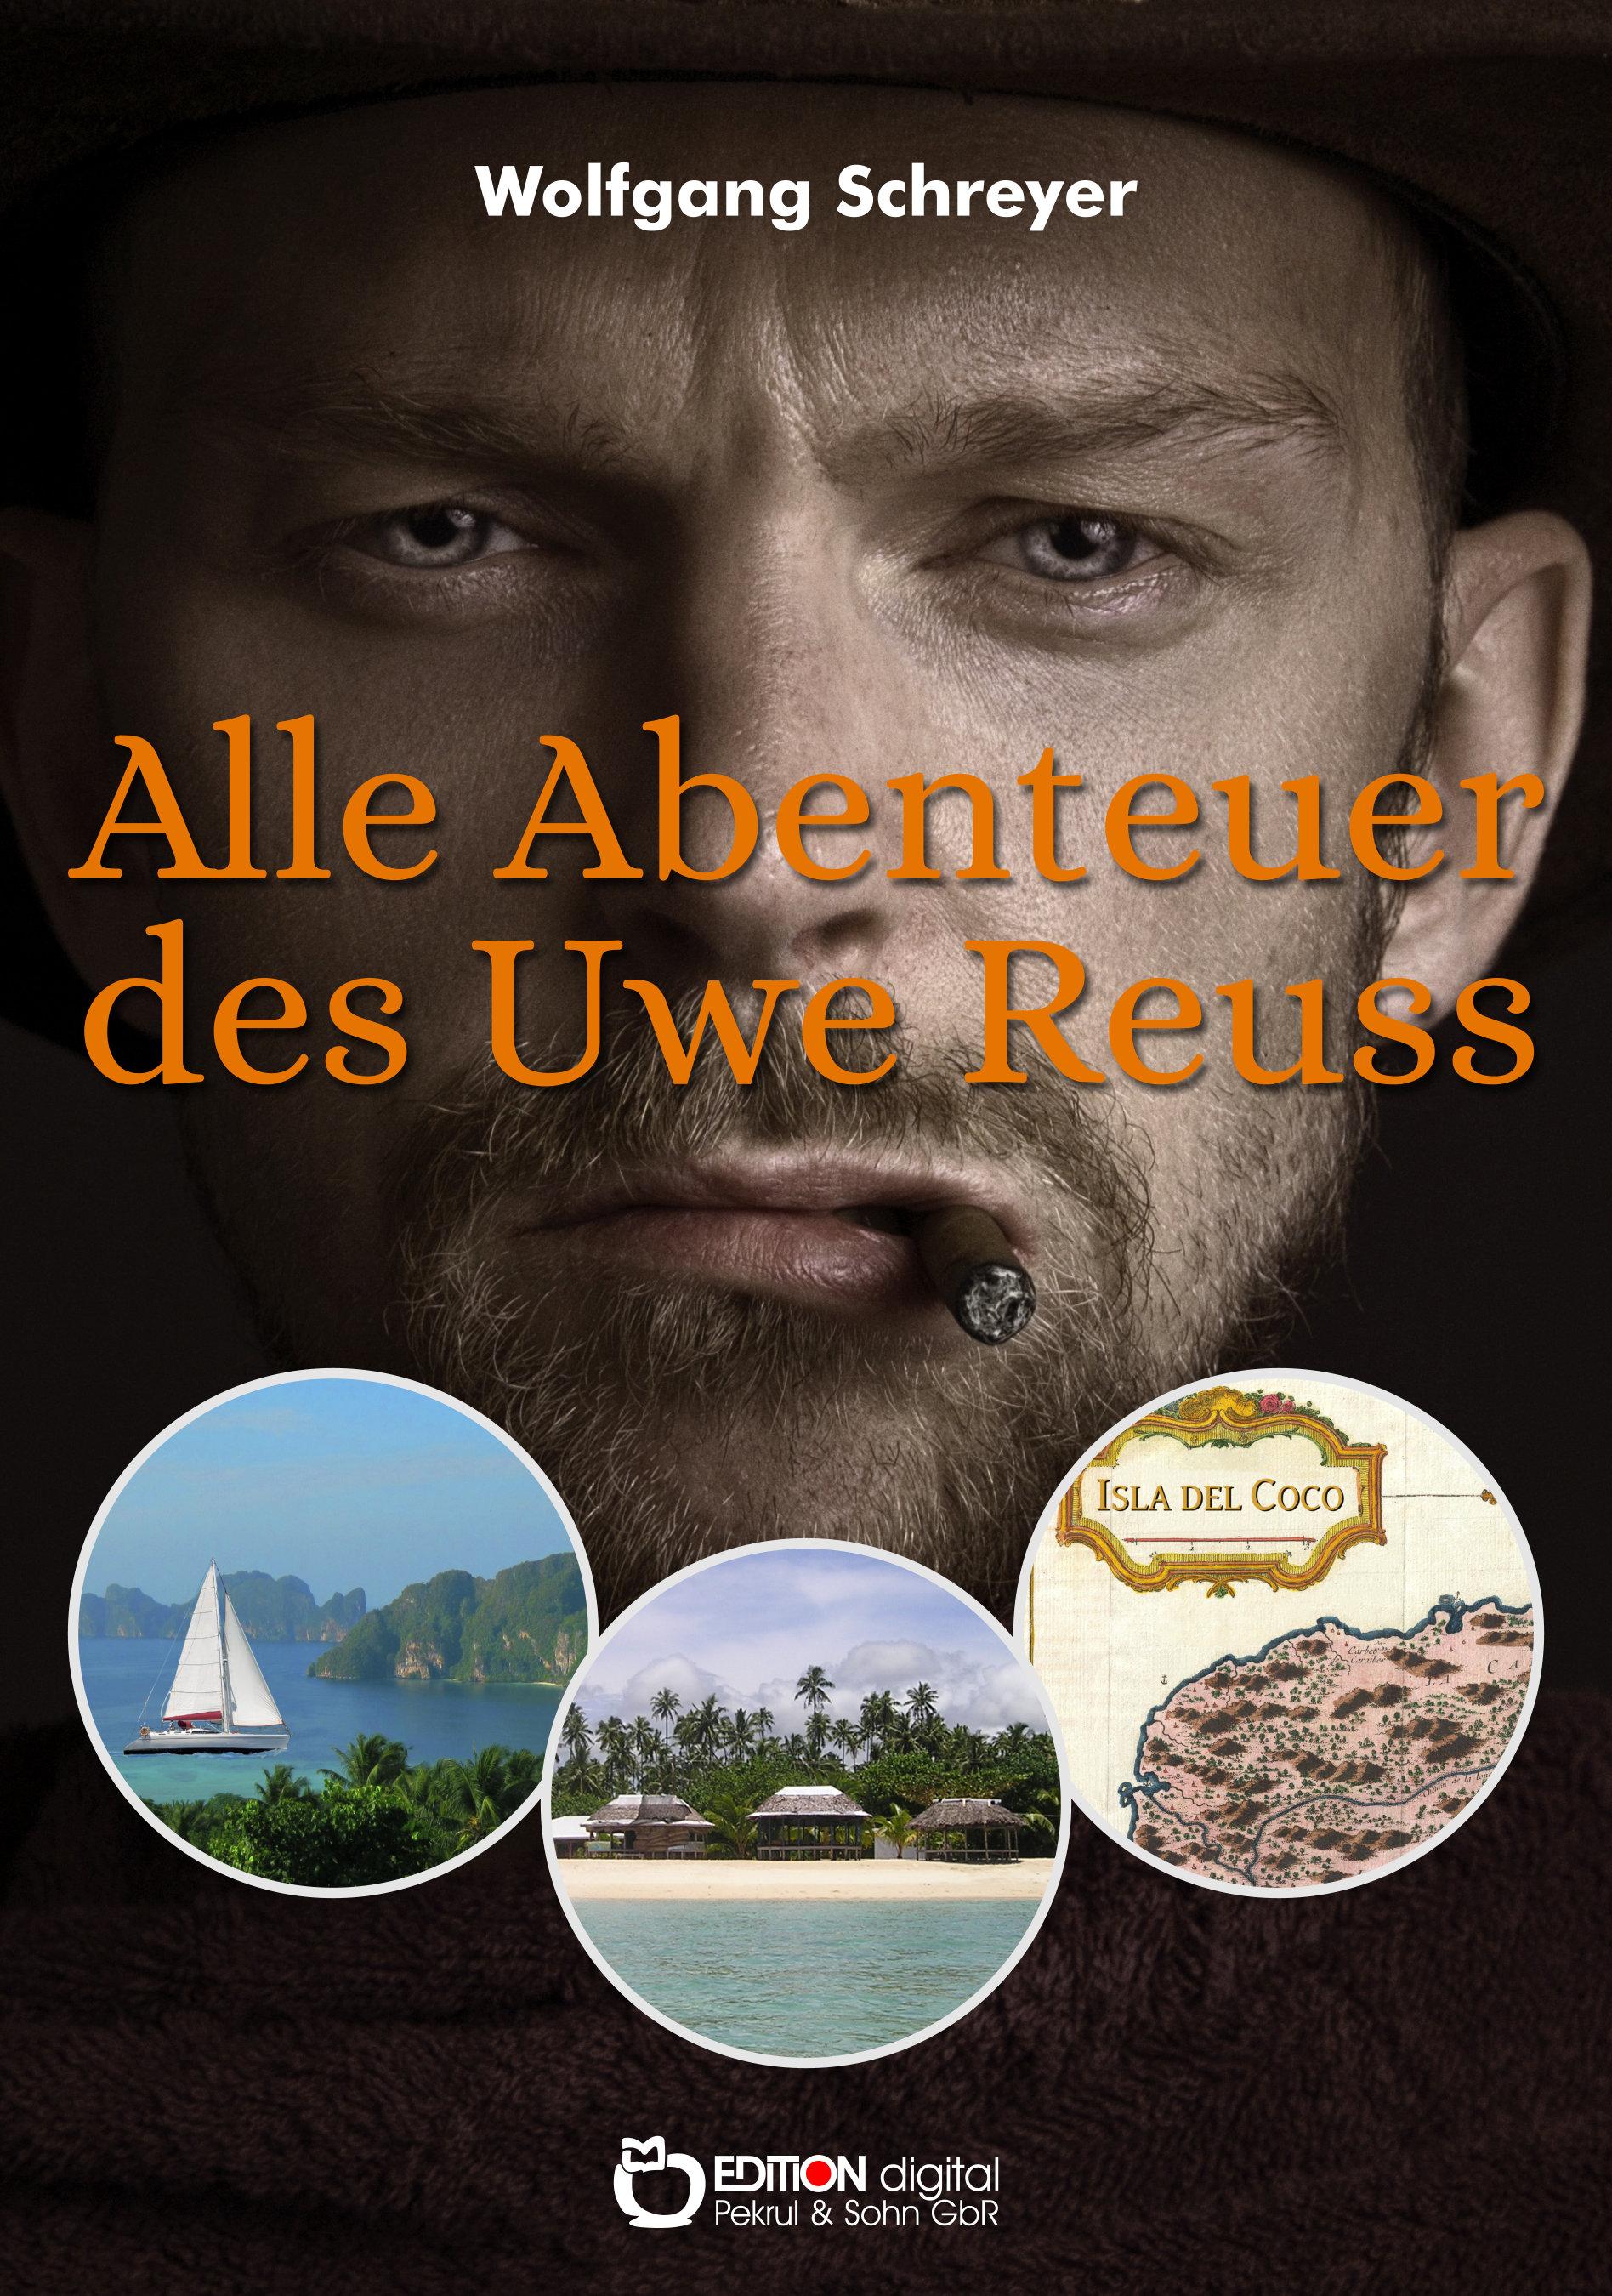 Alle Abenteuer des Uwe Reuss von Wolfgang Schreyer